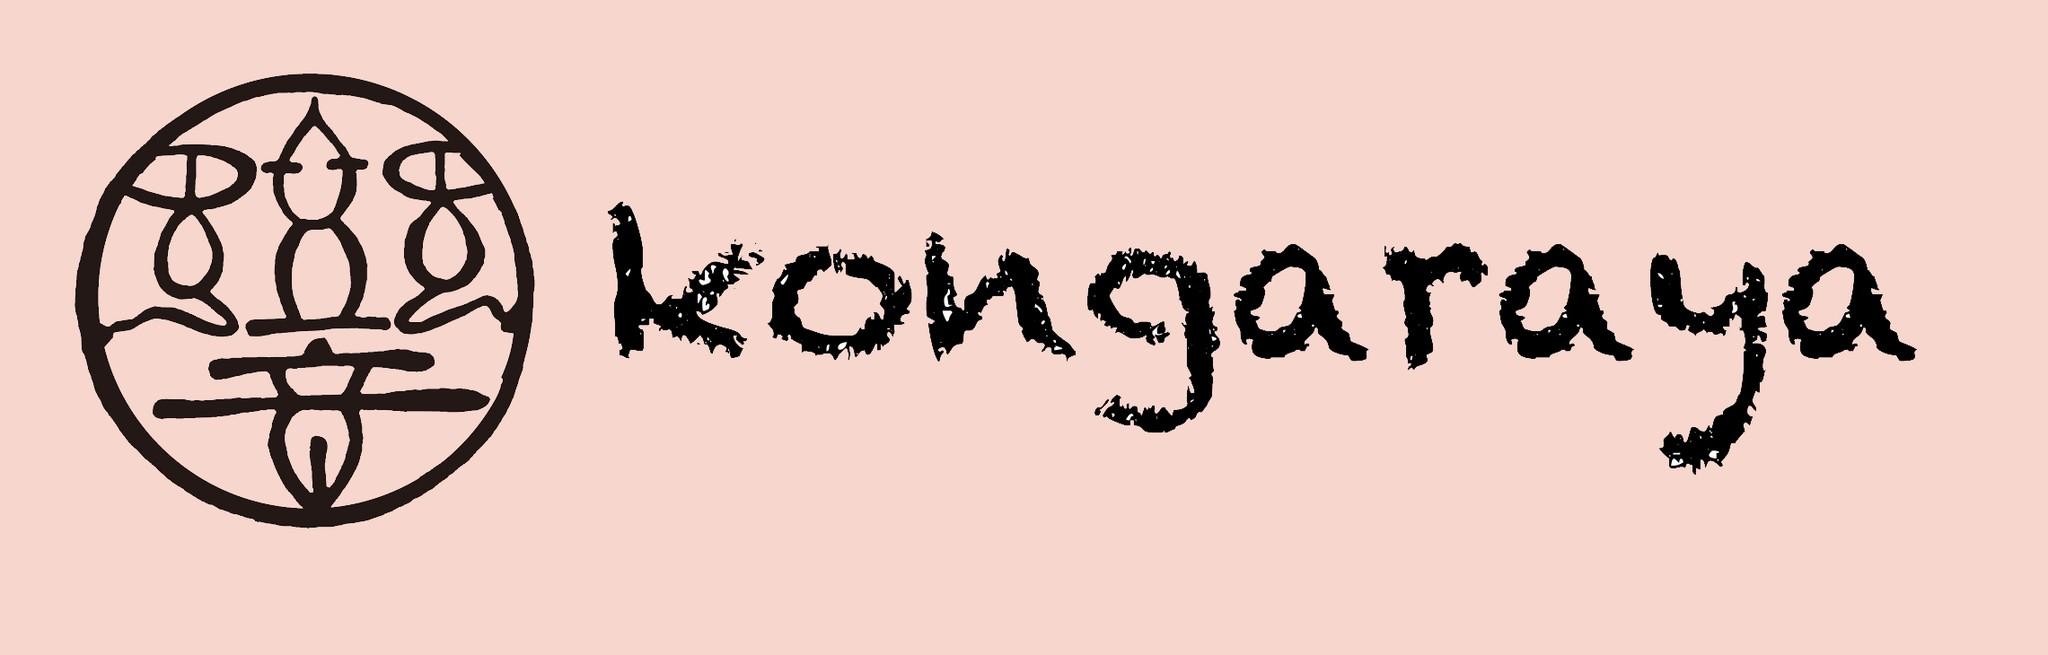 kongaraya